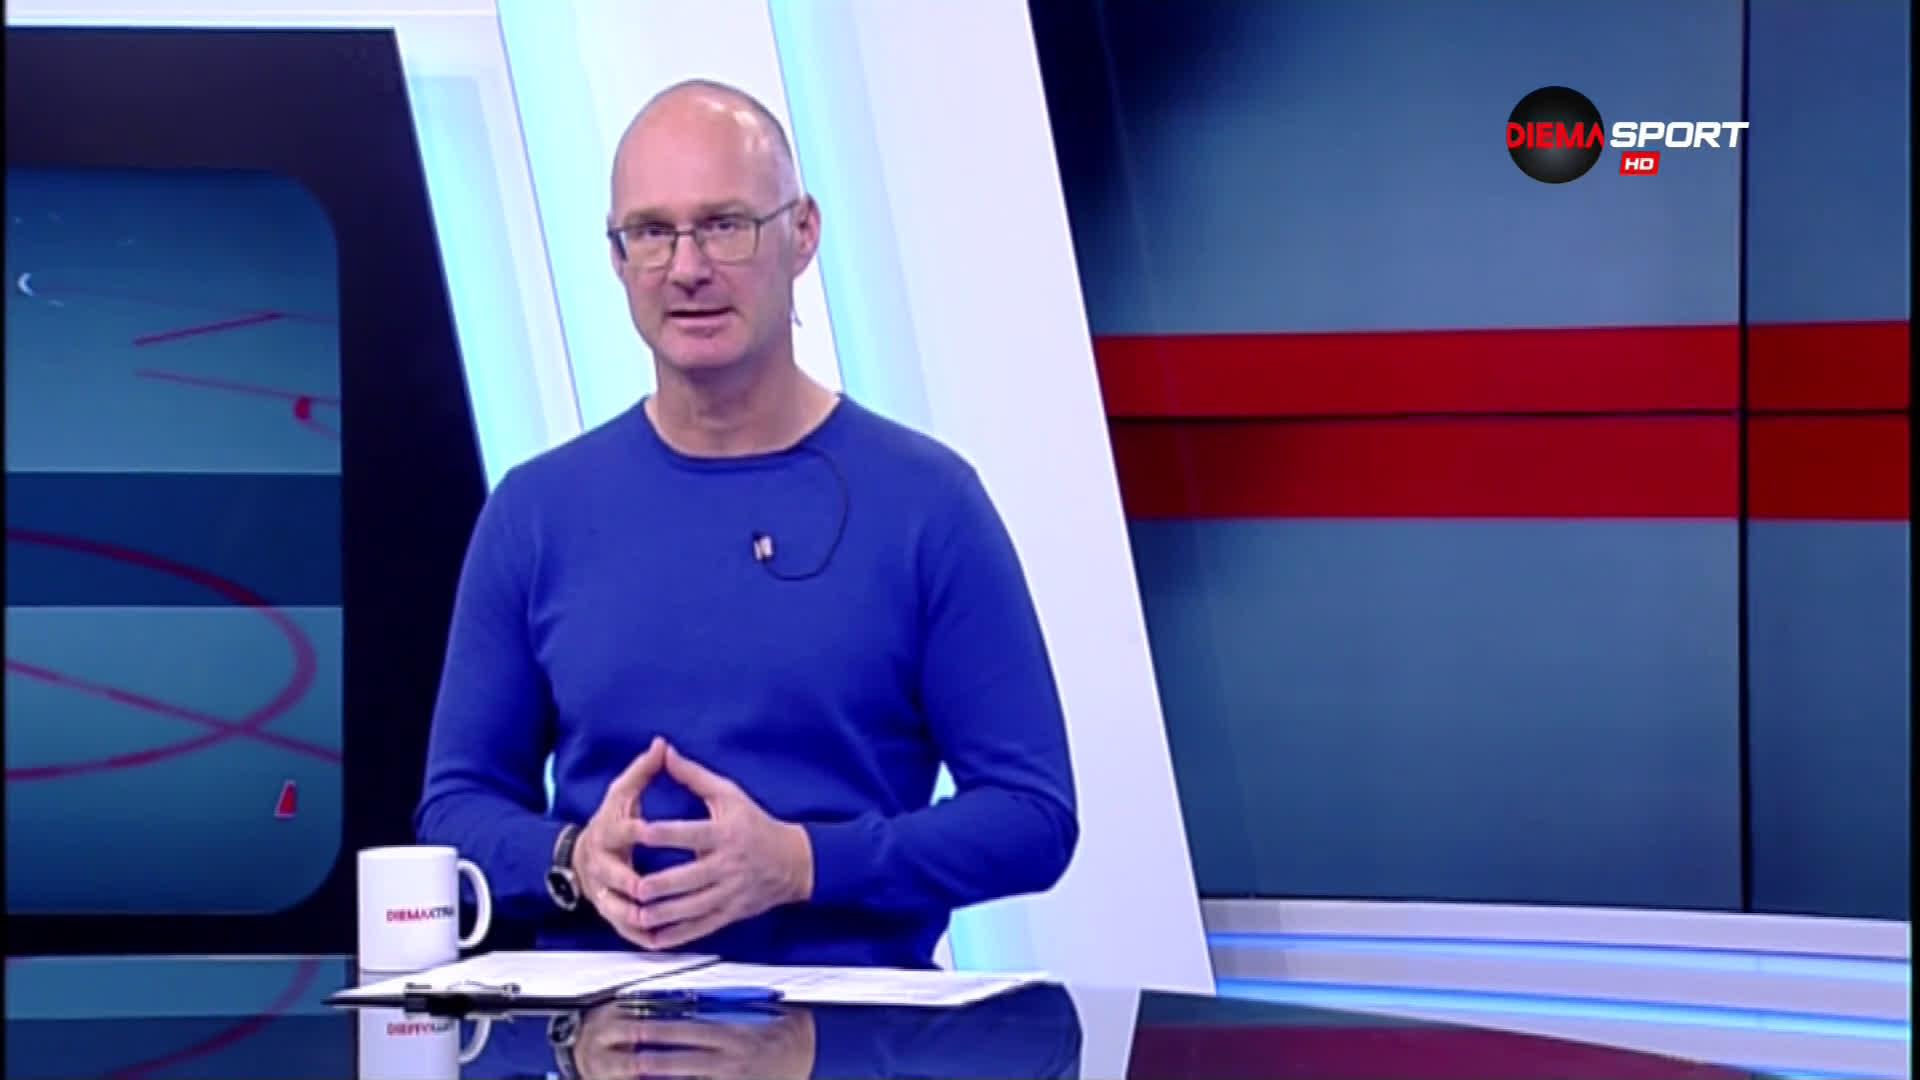 Спасяване на Георги Георгиев срещу Дунав